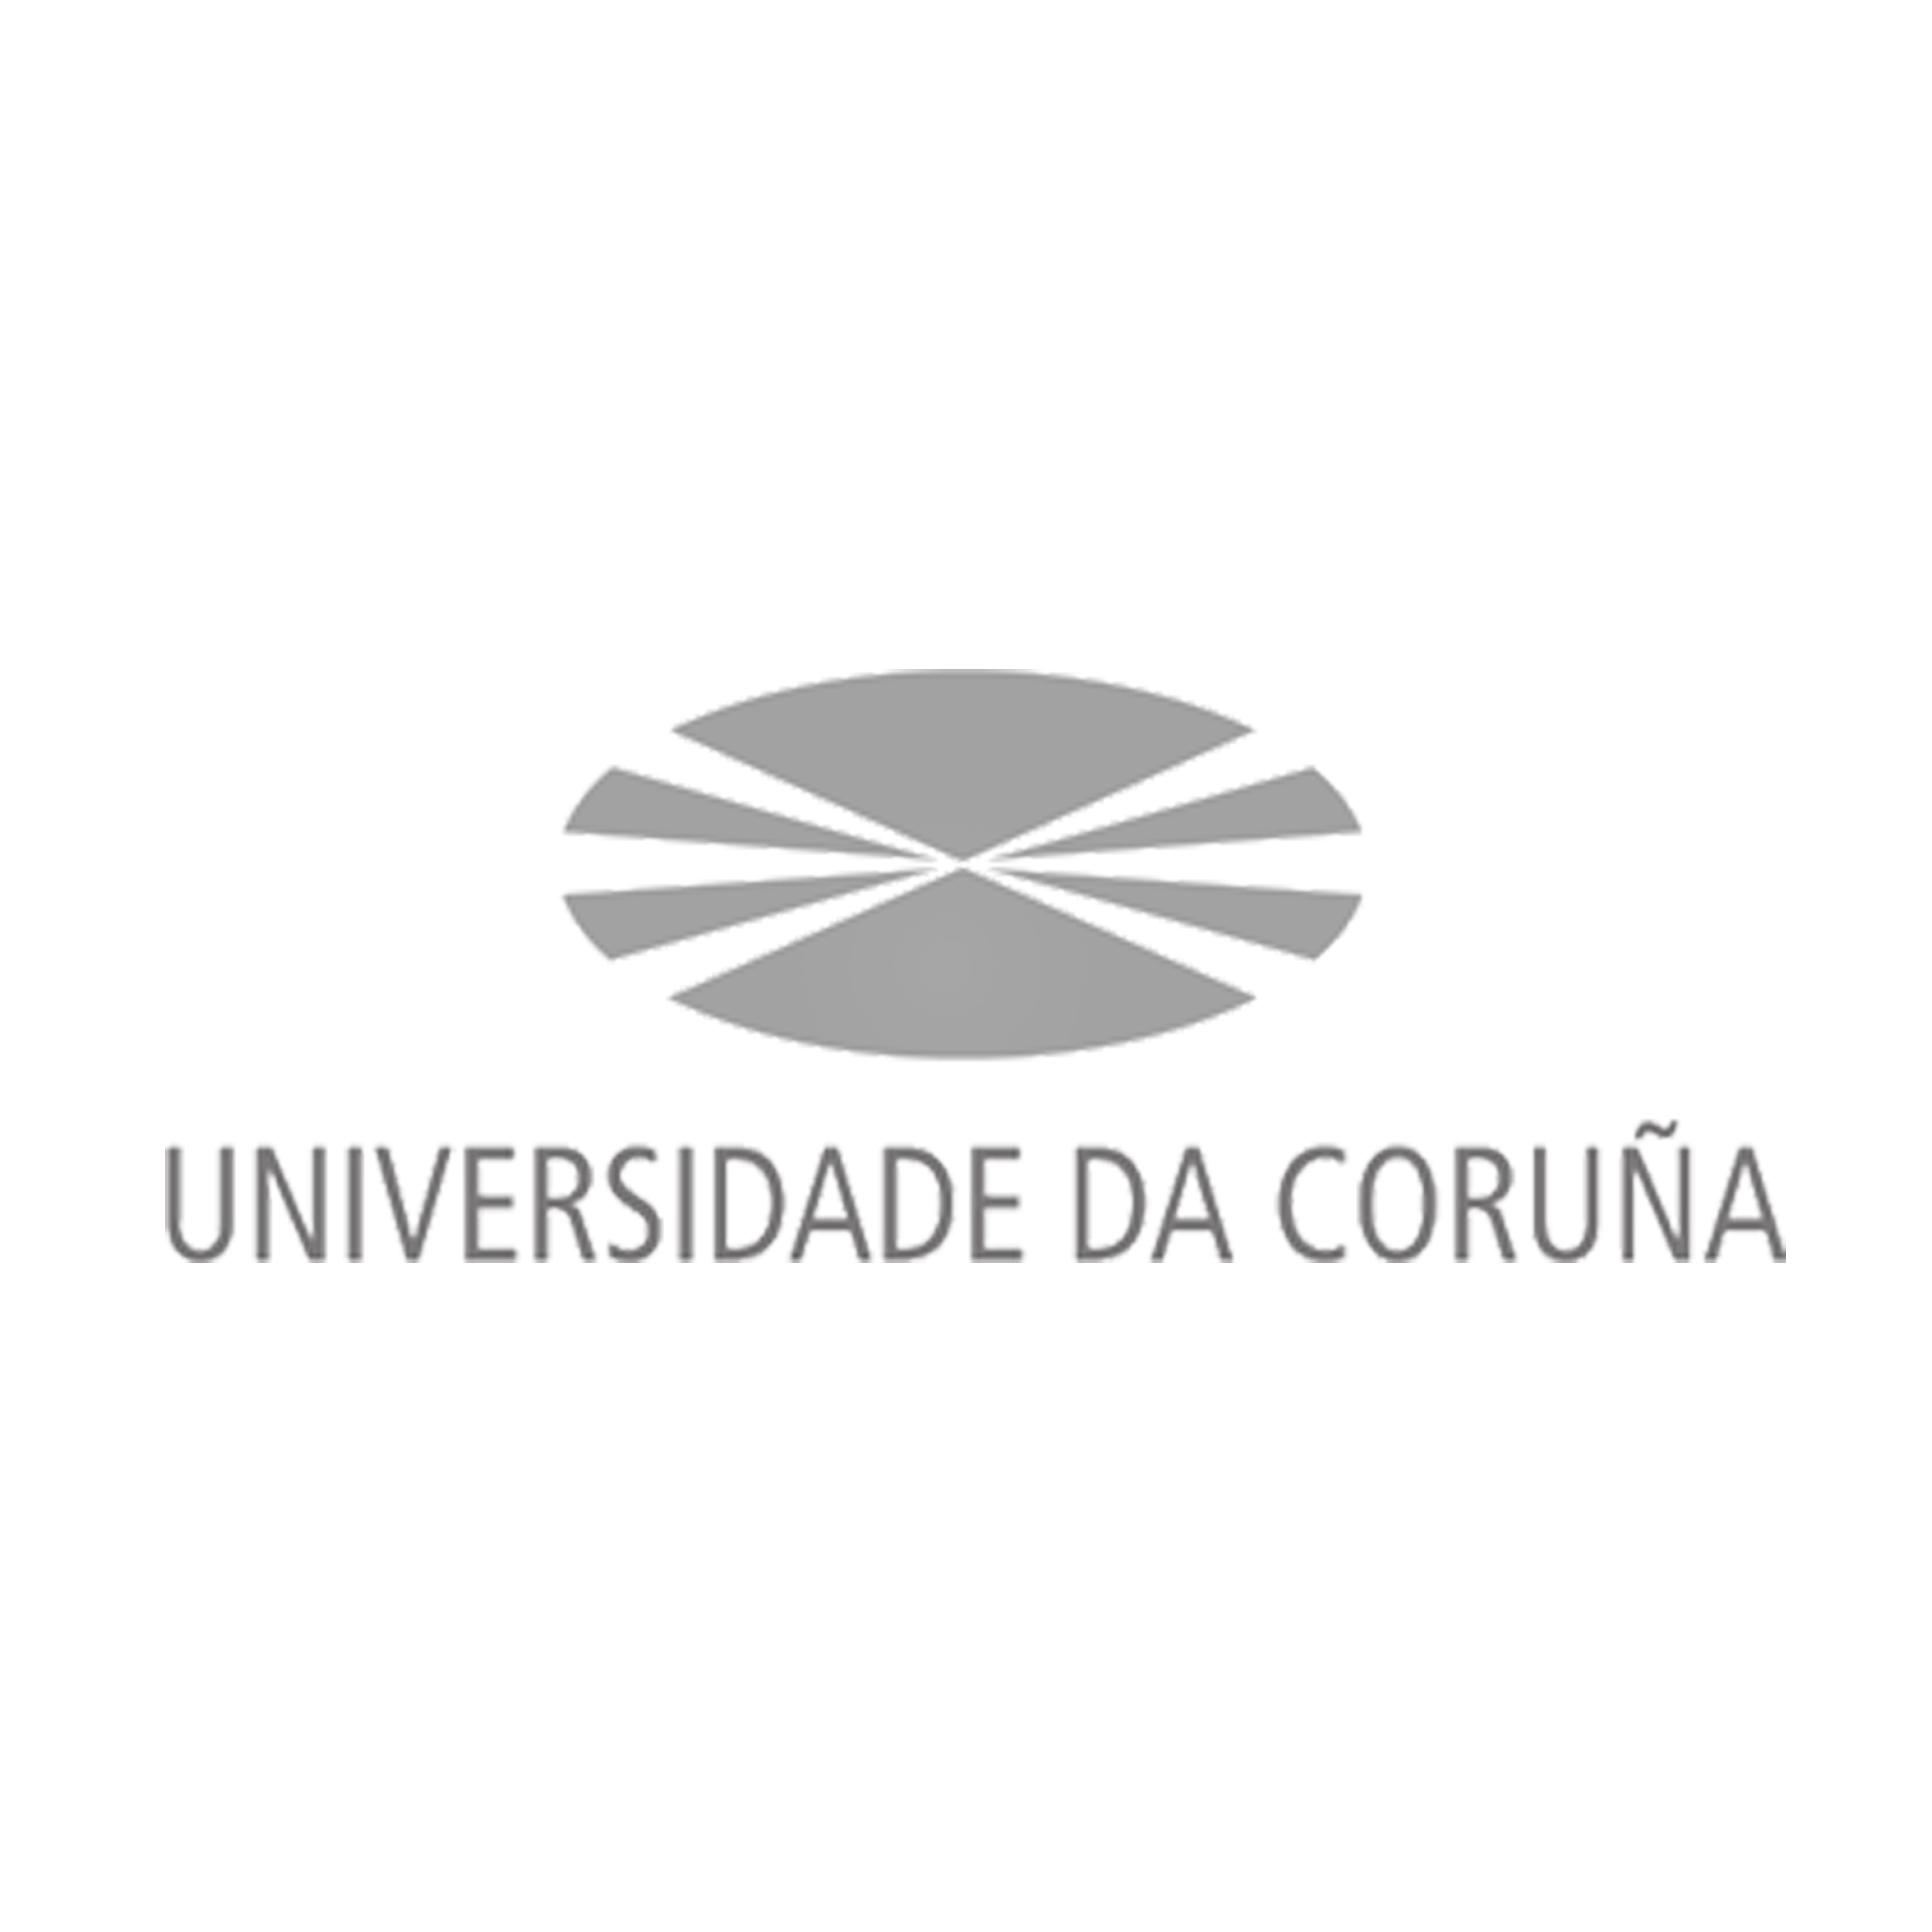 07_UNIVERSIDAD CORUÑA